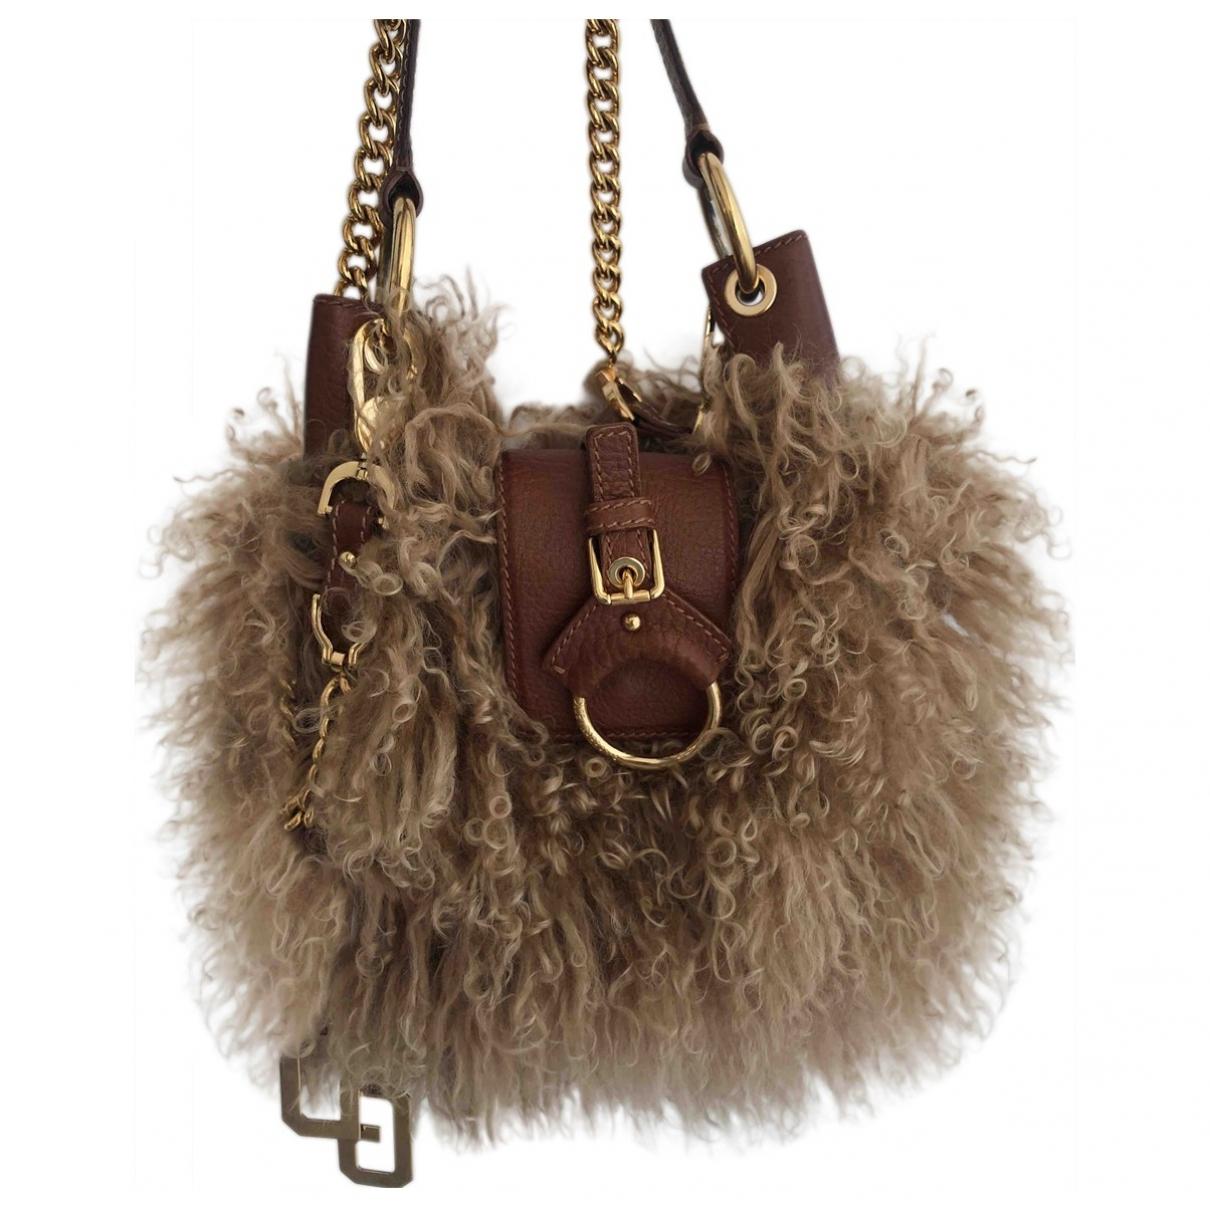 Dolce & Gabbana \N Handtasche in  Beige Schaf